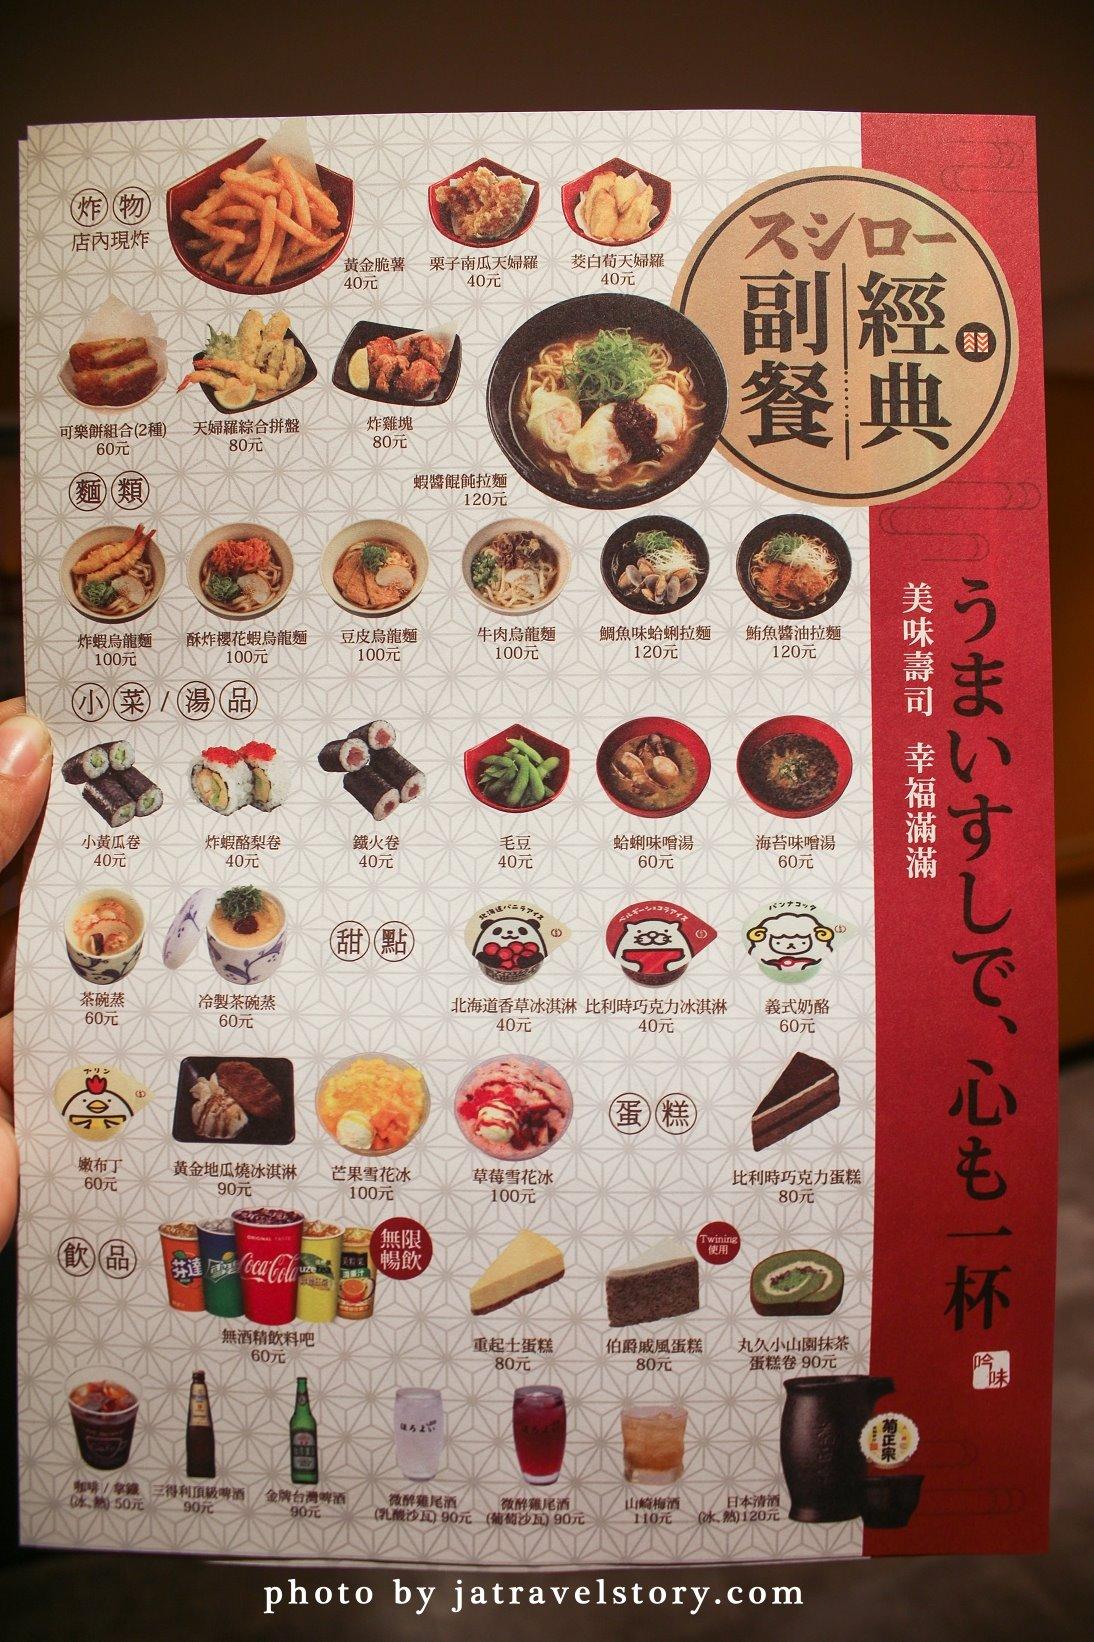 菜單:握壽司菜單、其他餐點菜單